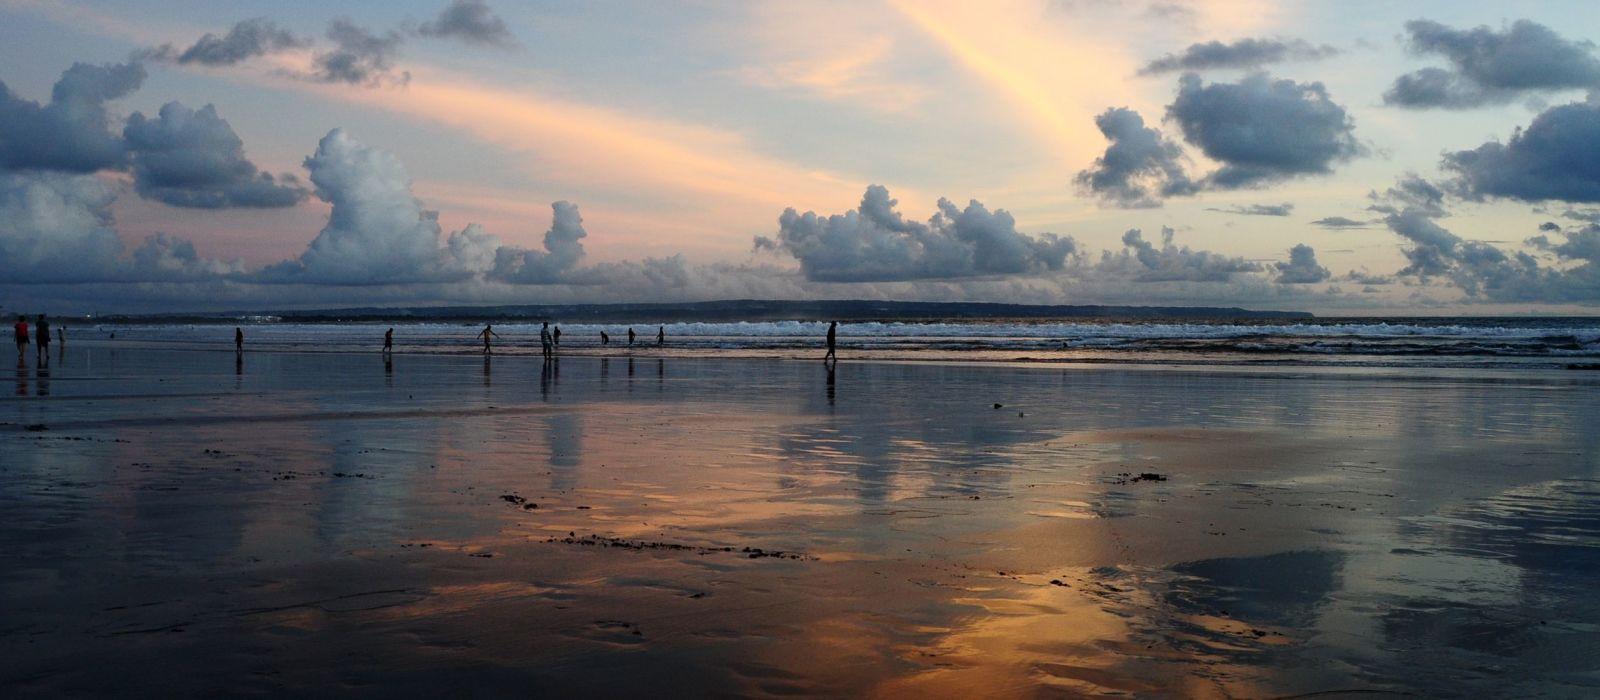 Indonesien Rundreise: Im Reich des Komododrachens Urlaub 5